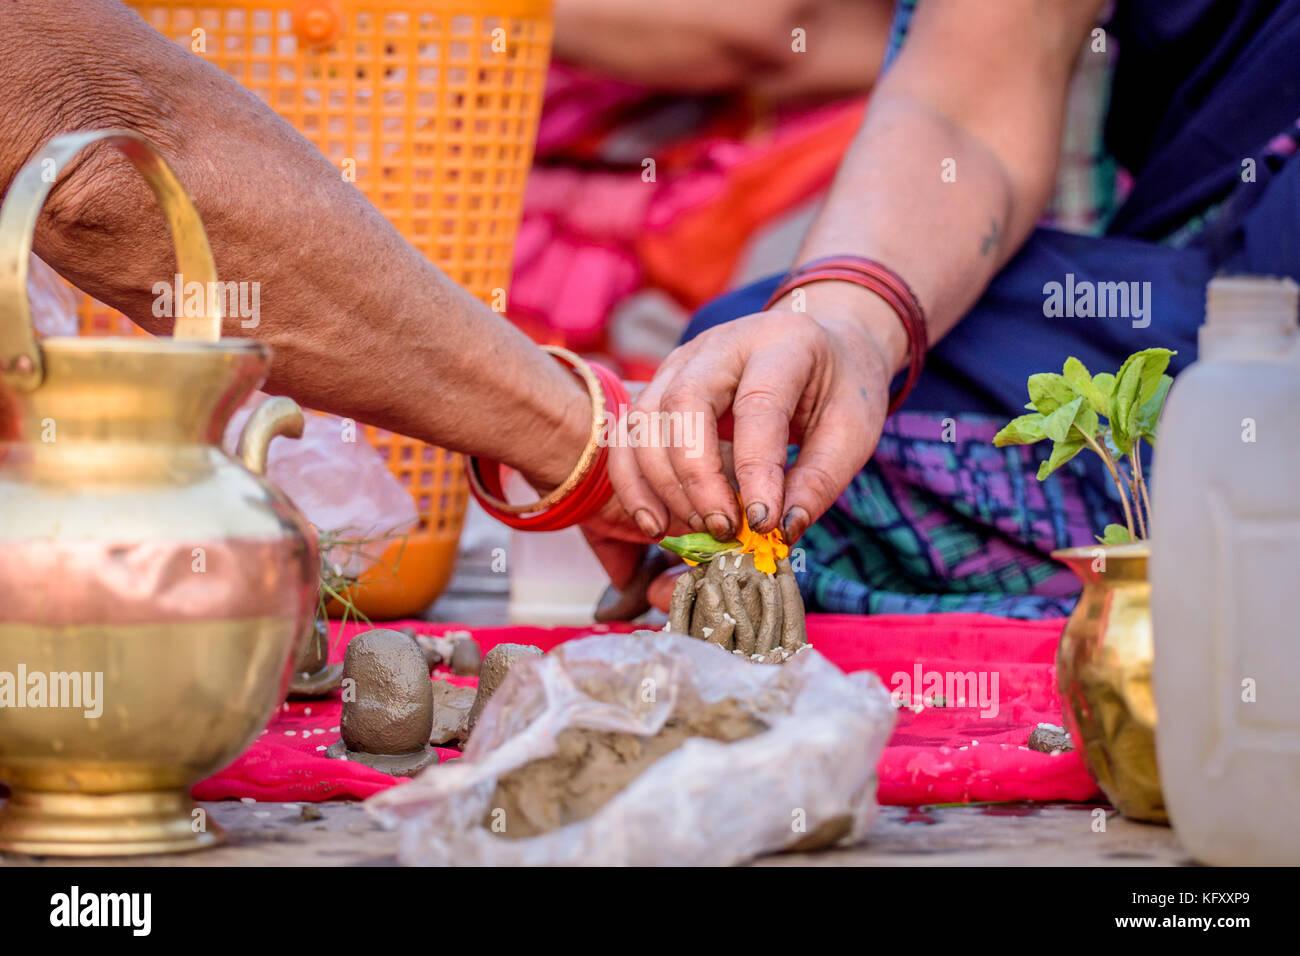 Indian Chanting Stock Photos & Indian Chanting Stock Images - Alamy